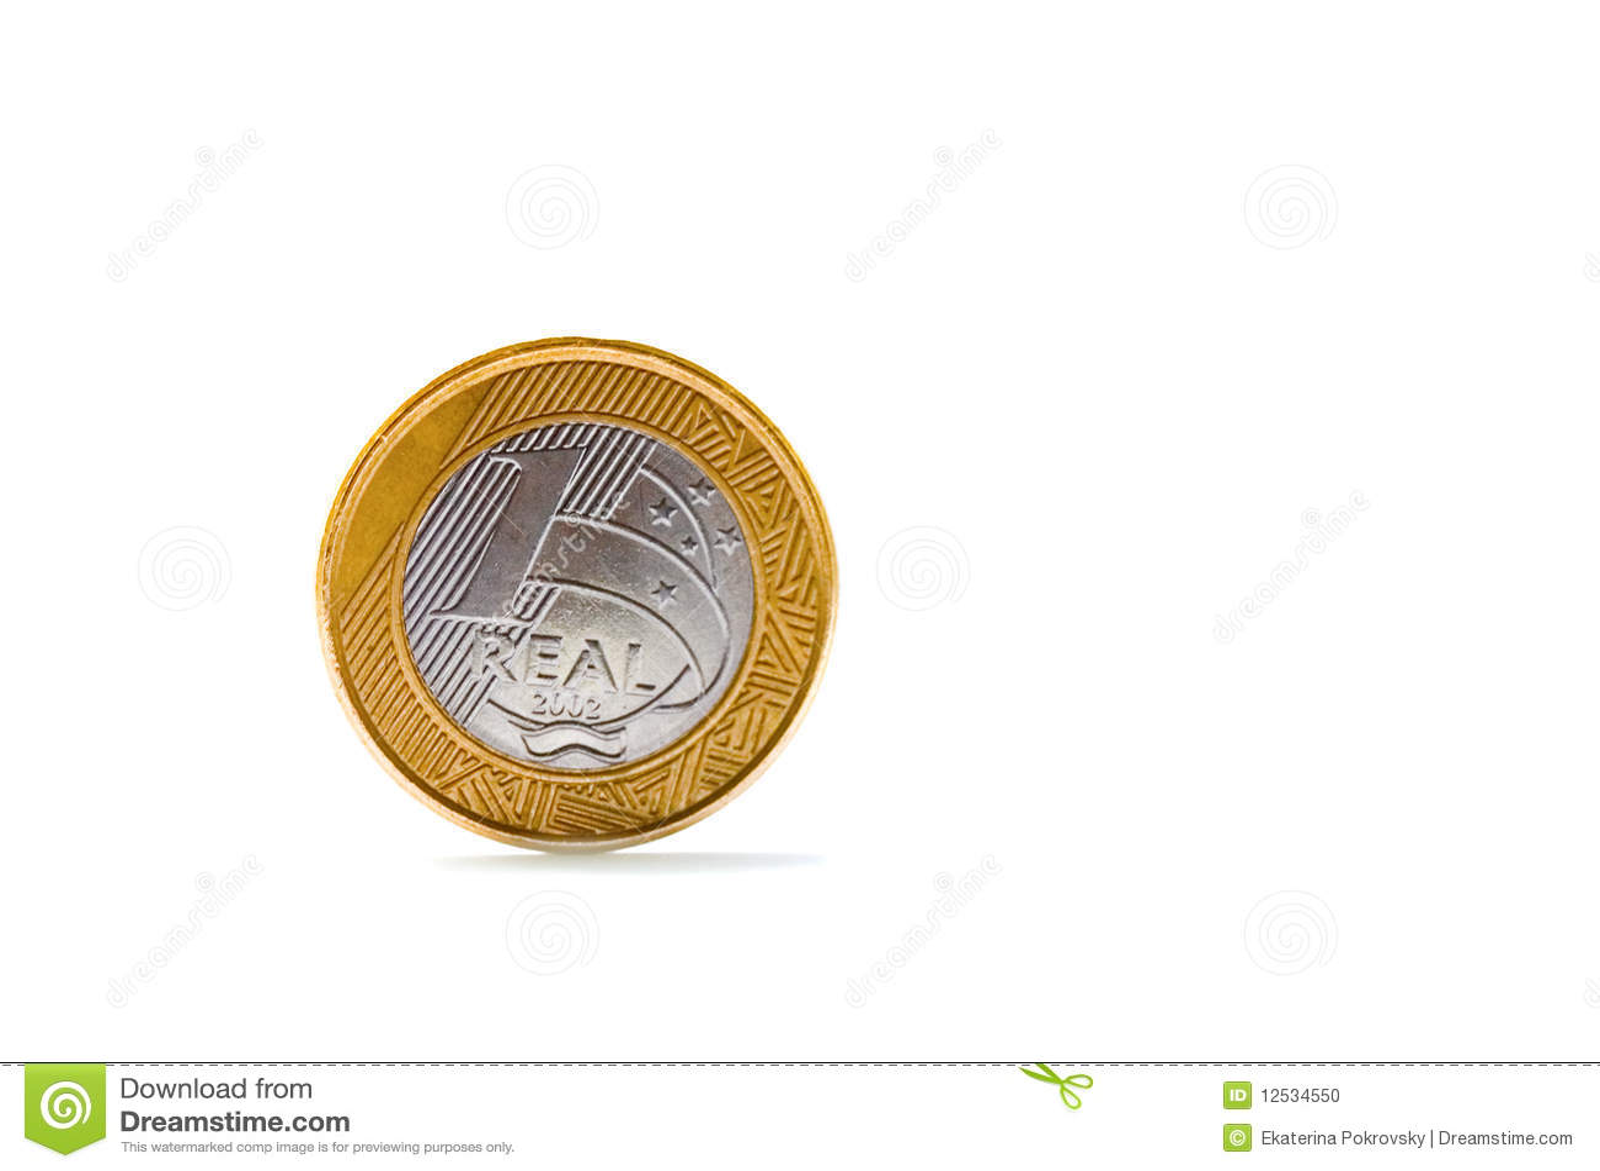 Escolha uma moeda real brasileira